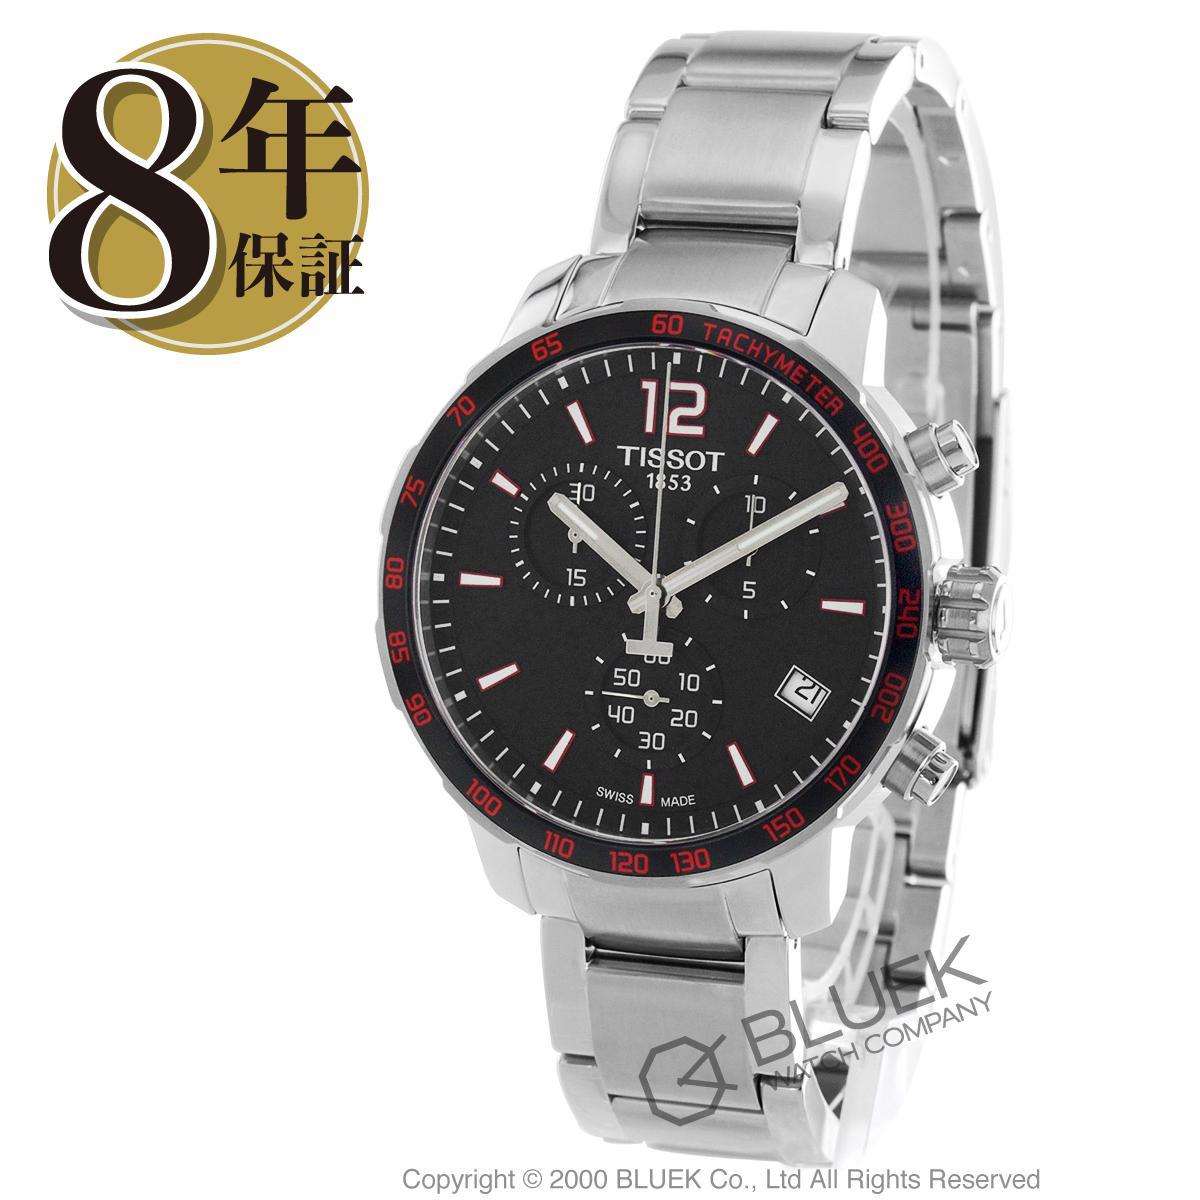 ティソ T-スポーツ クイックスター クロノグラフ 腕時計 メンズ TISSOT T095.417.11.057.00_8